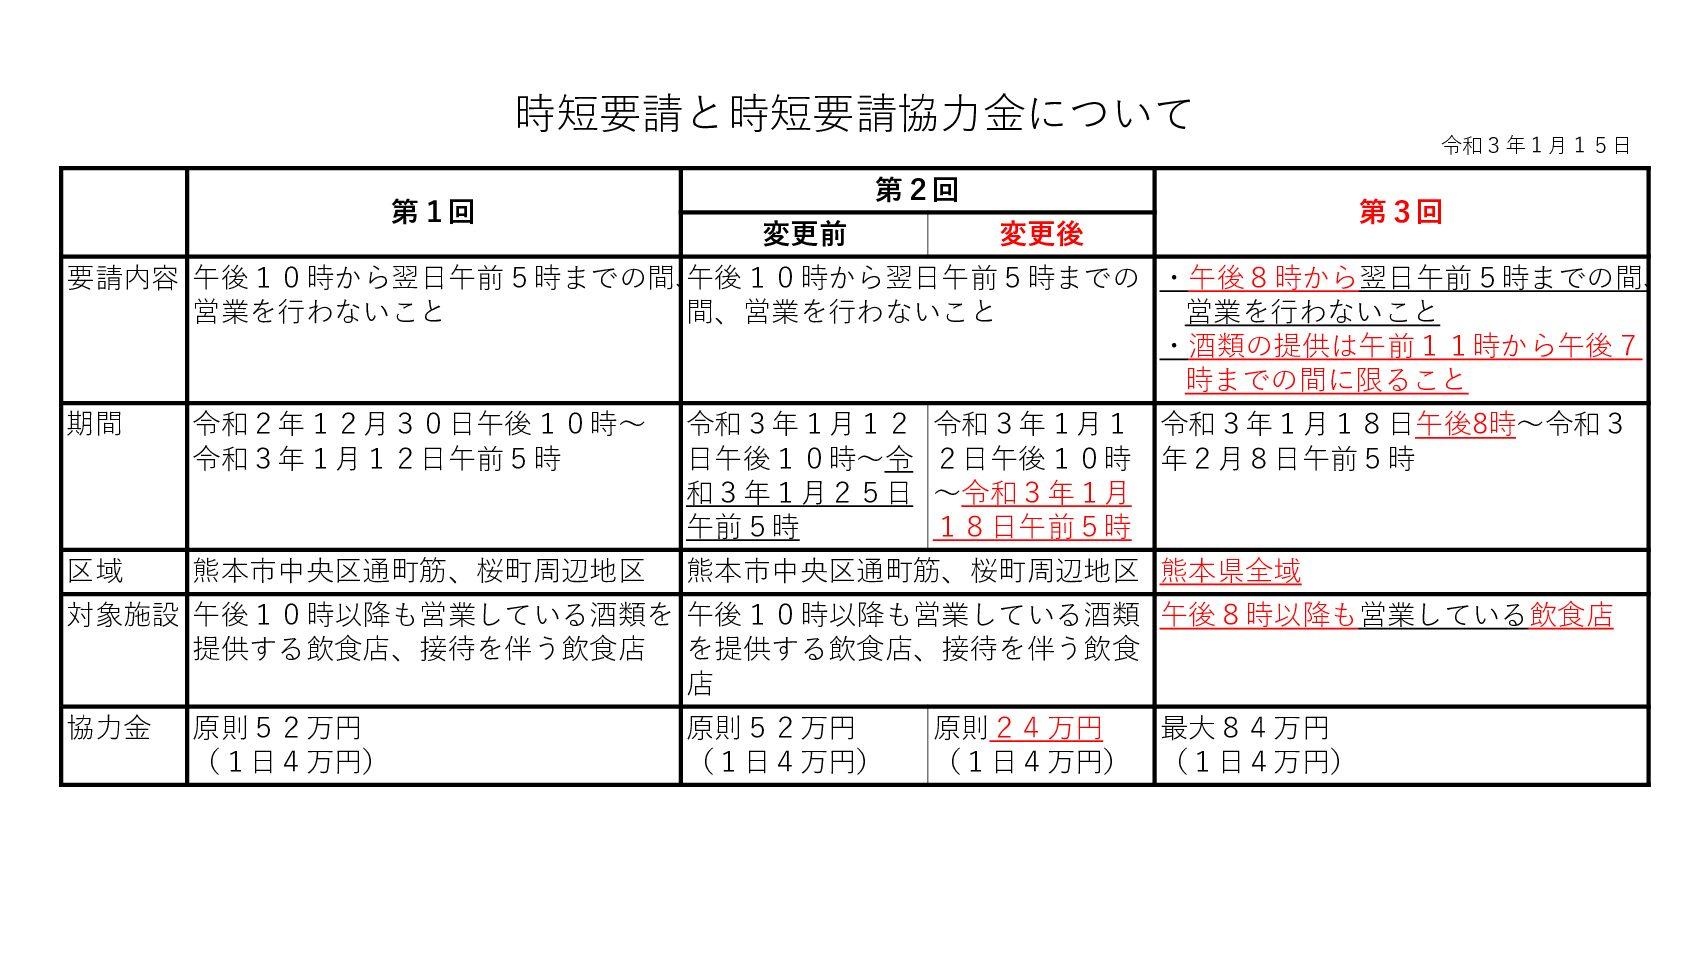 【1月18日更新】熊本県時短要請協力金について